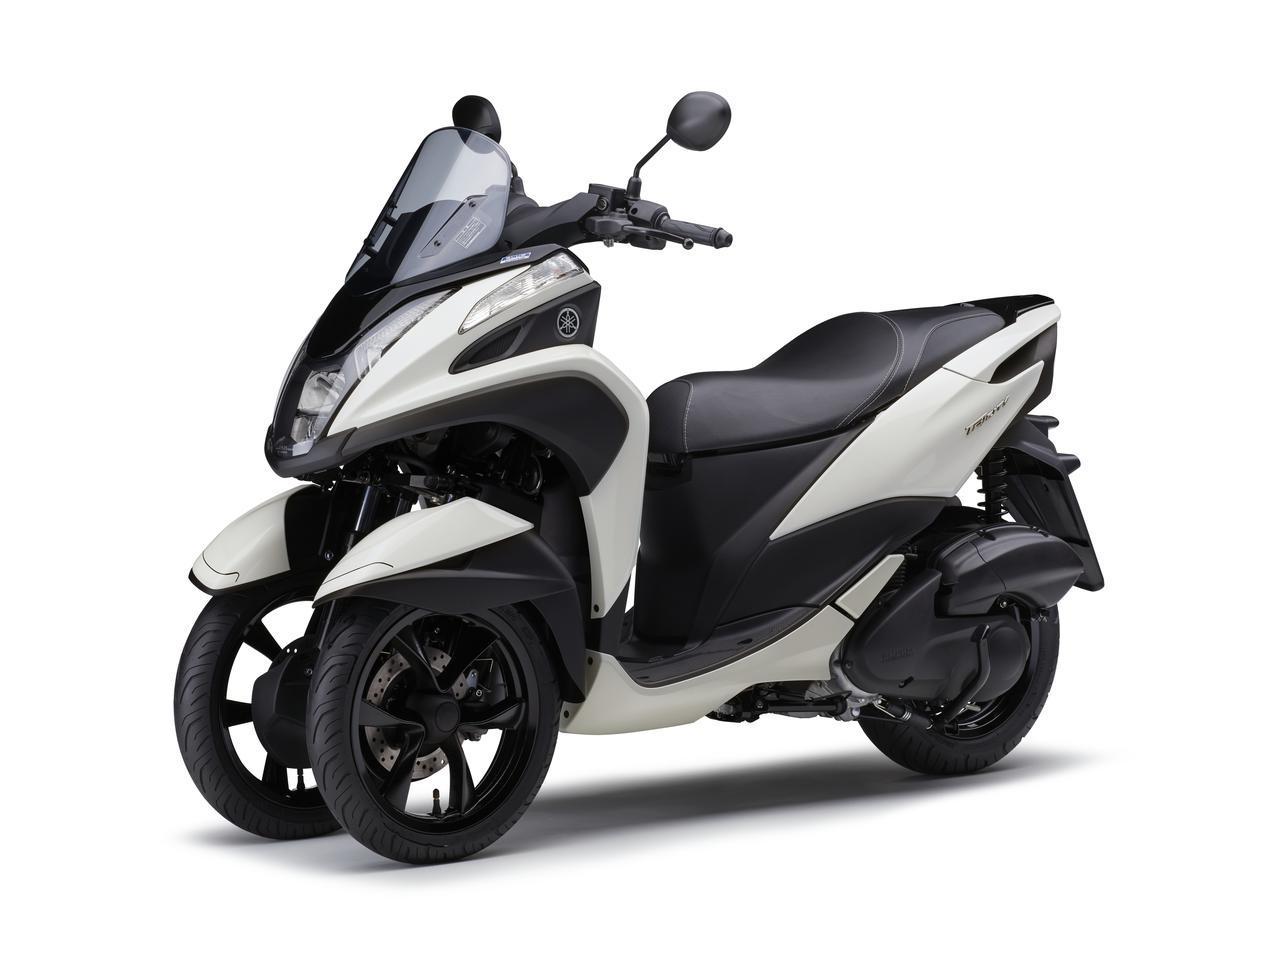 画像8: ヤマハが原付二種「トリシティ125」の2021年モデルを発売! 鮮明な新色〈イエロー〉が登場